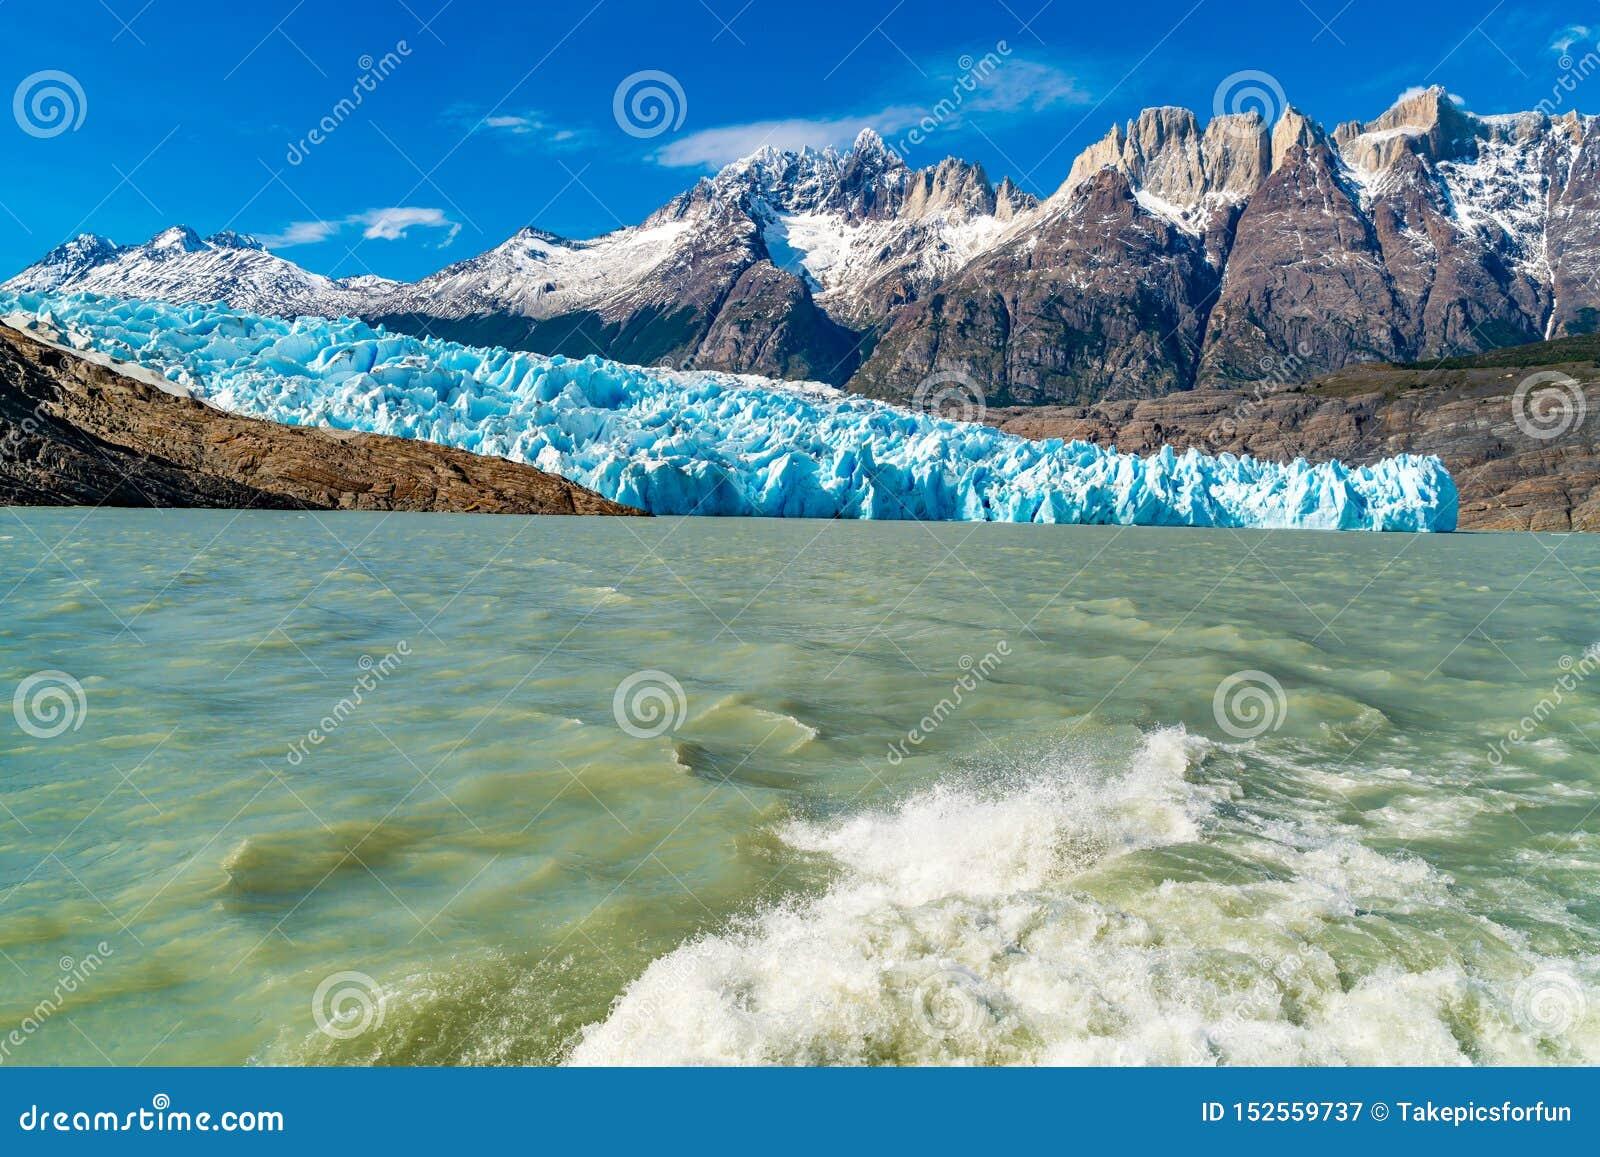 Het natuurlijke landschap bij Gletsjergrijs met de sneeuwrotsberg, Meergrijs en water bespat achter het schip